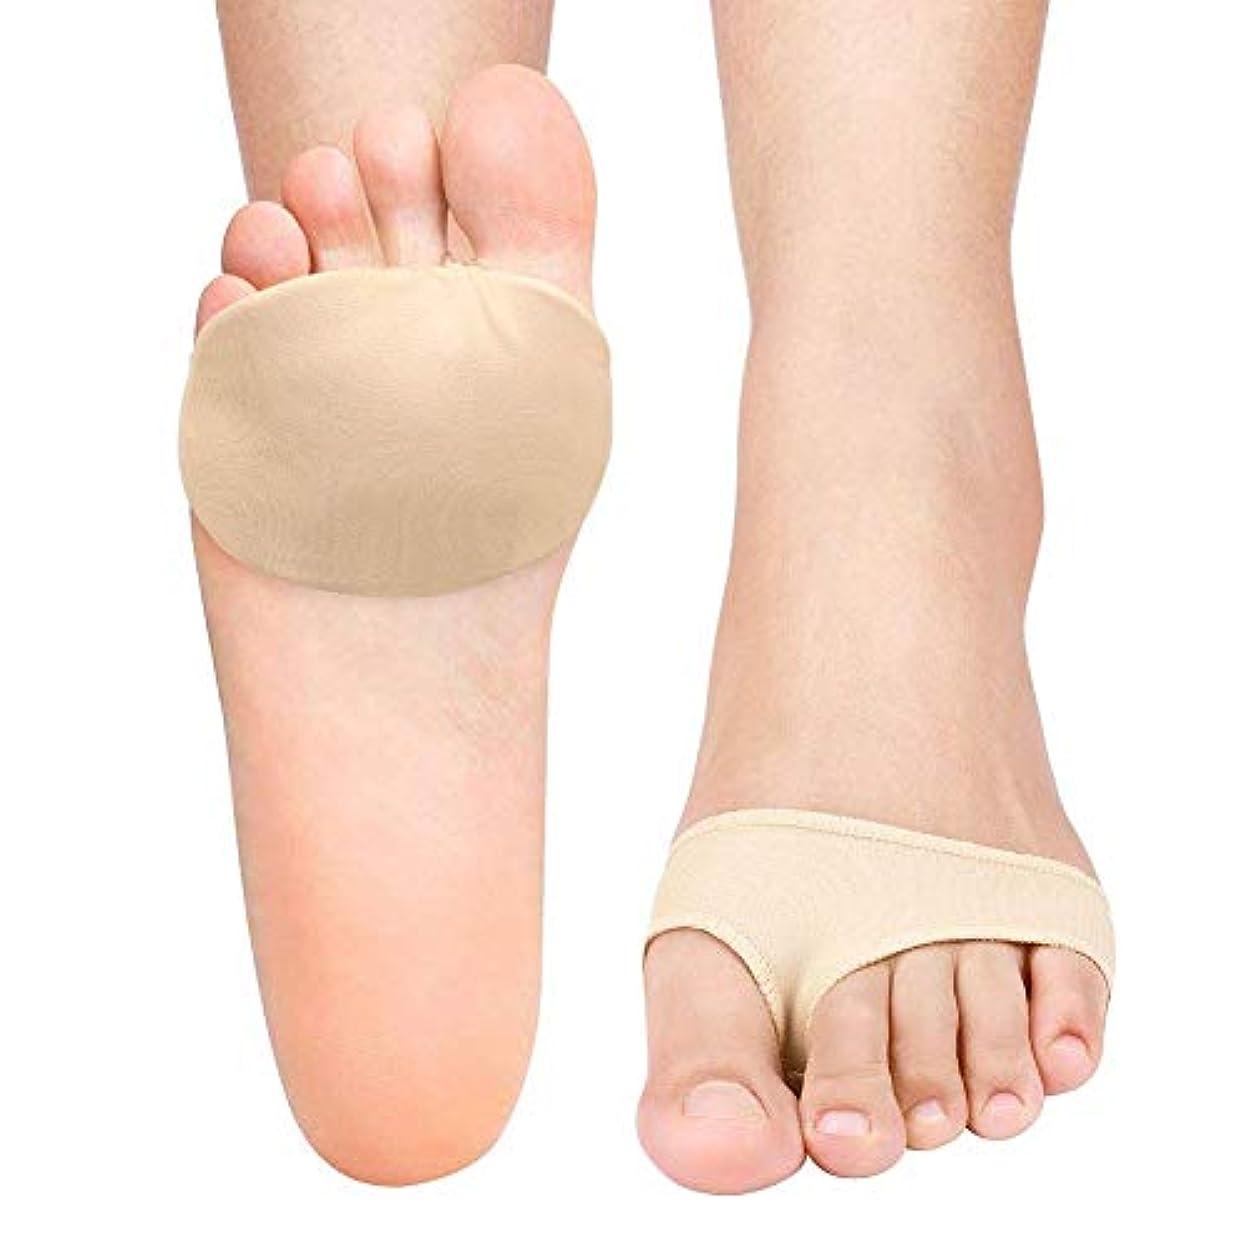 動かす娯楽パンフレットYosoo 足裏 保護 サポーター 付け根 痛み和らげ シリコン 男女兼用 フリーサイズ (2個入り)